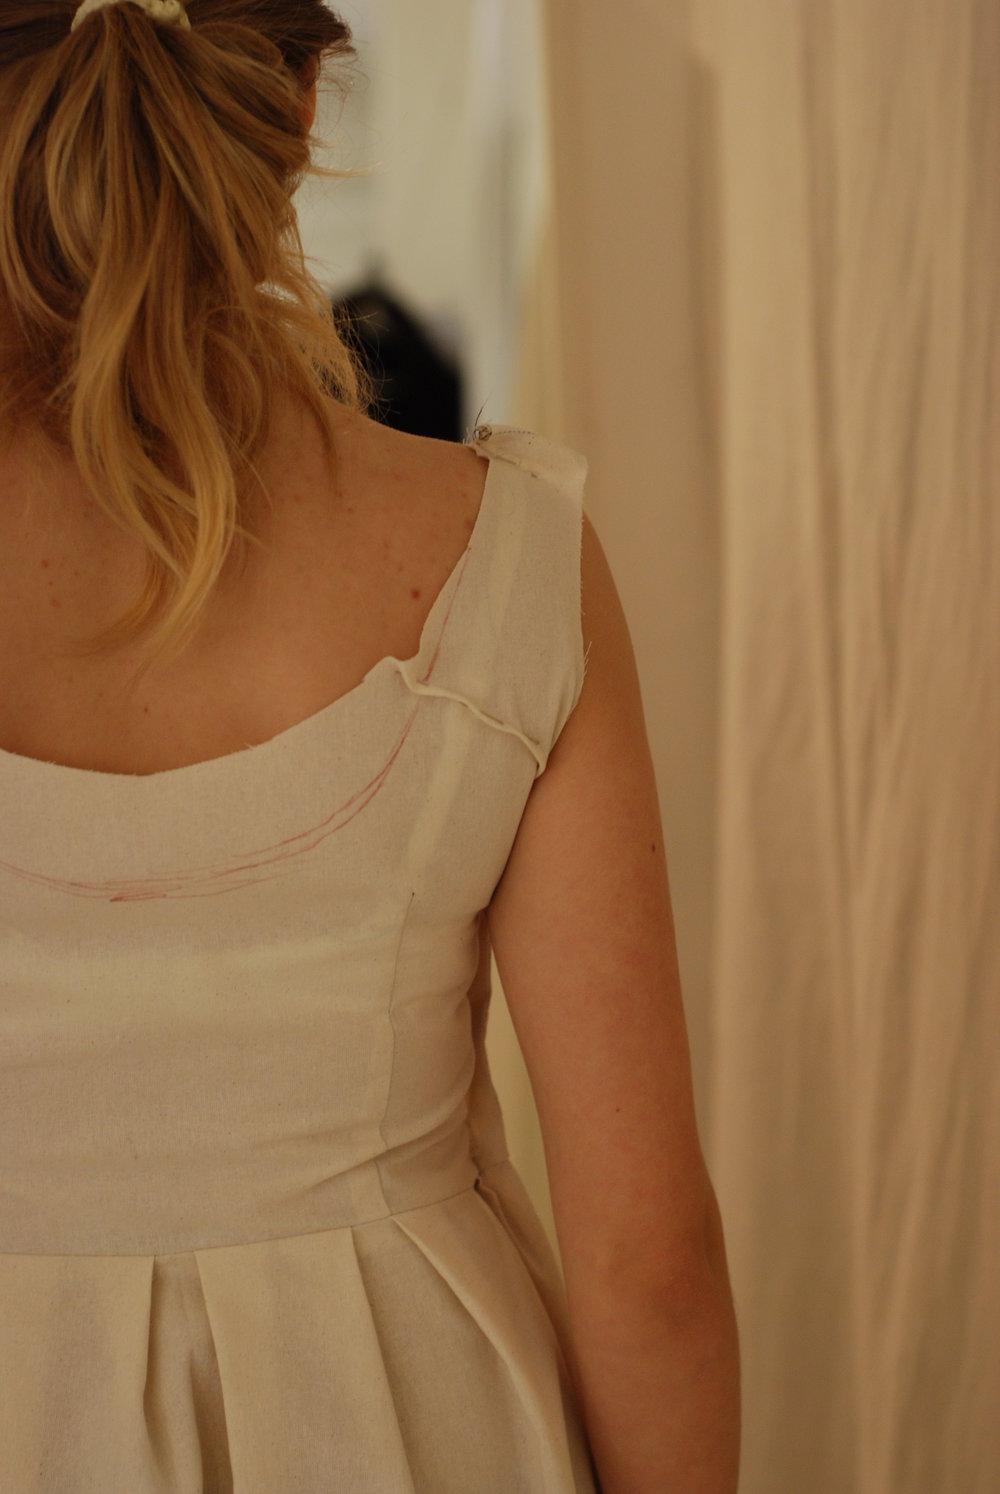 short back /low shoulder -